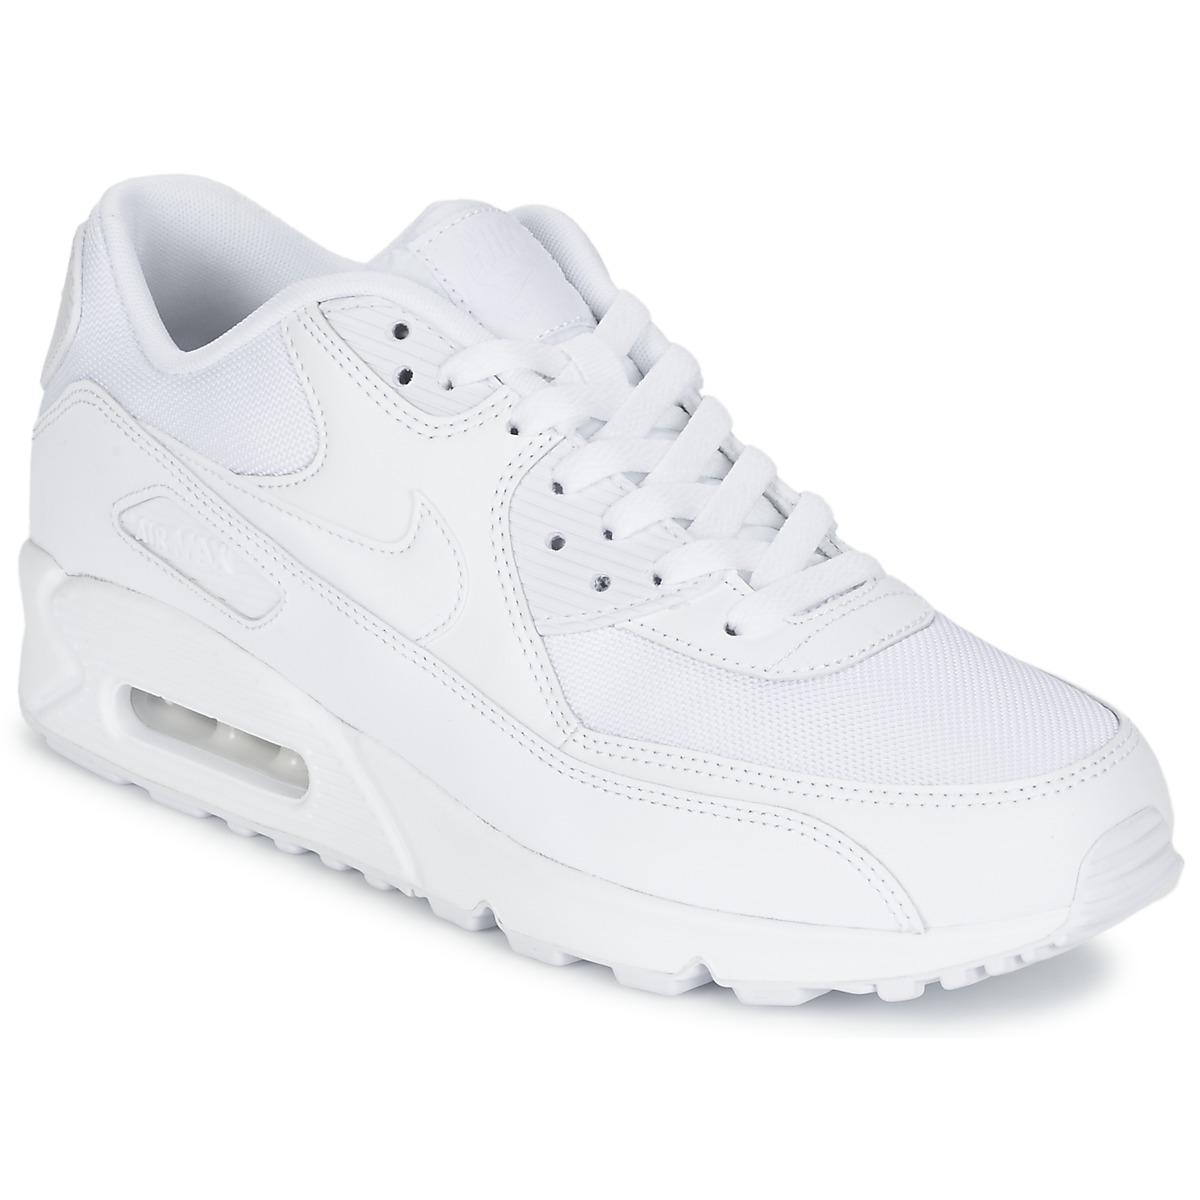 Nike AIR MAX 90 ESSENTIAL Weiss - Kostenloser Versand bei Spartoode ! - Schuhe Sneaker Low Herren 111,20 €